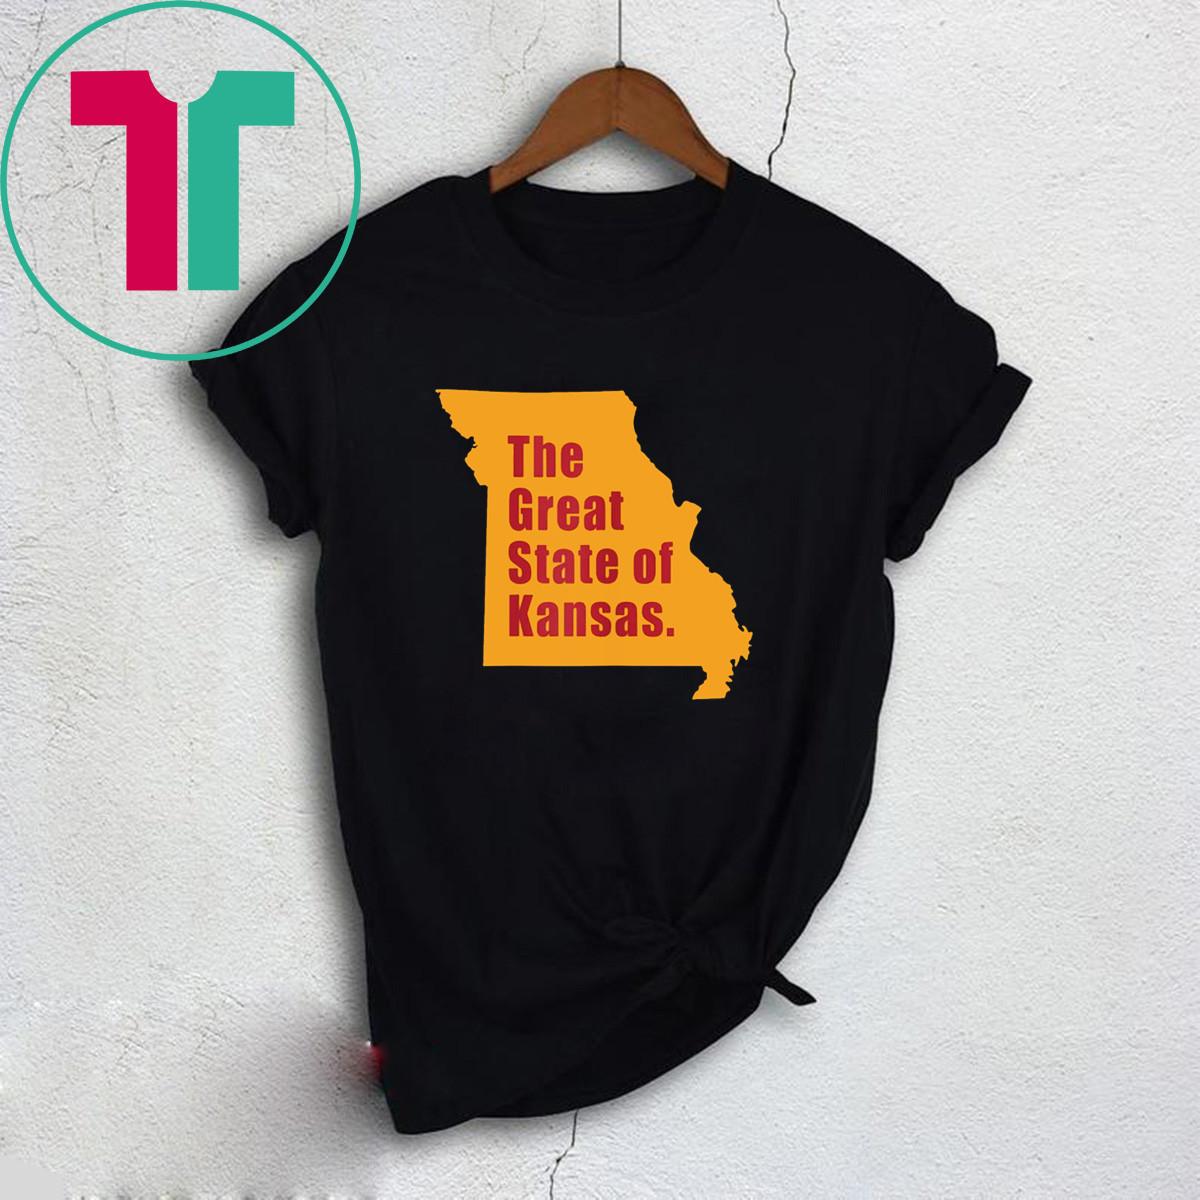 The Great State of Kansas Trump Tweet T-Shirt